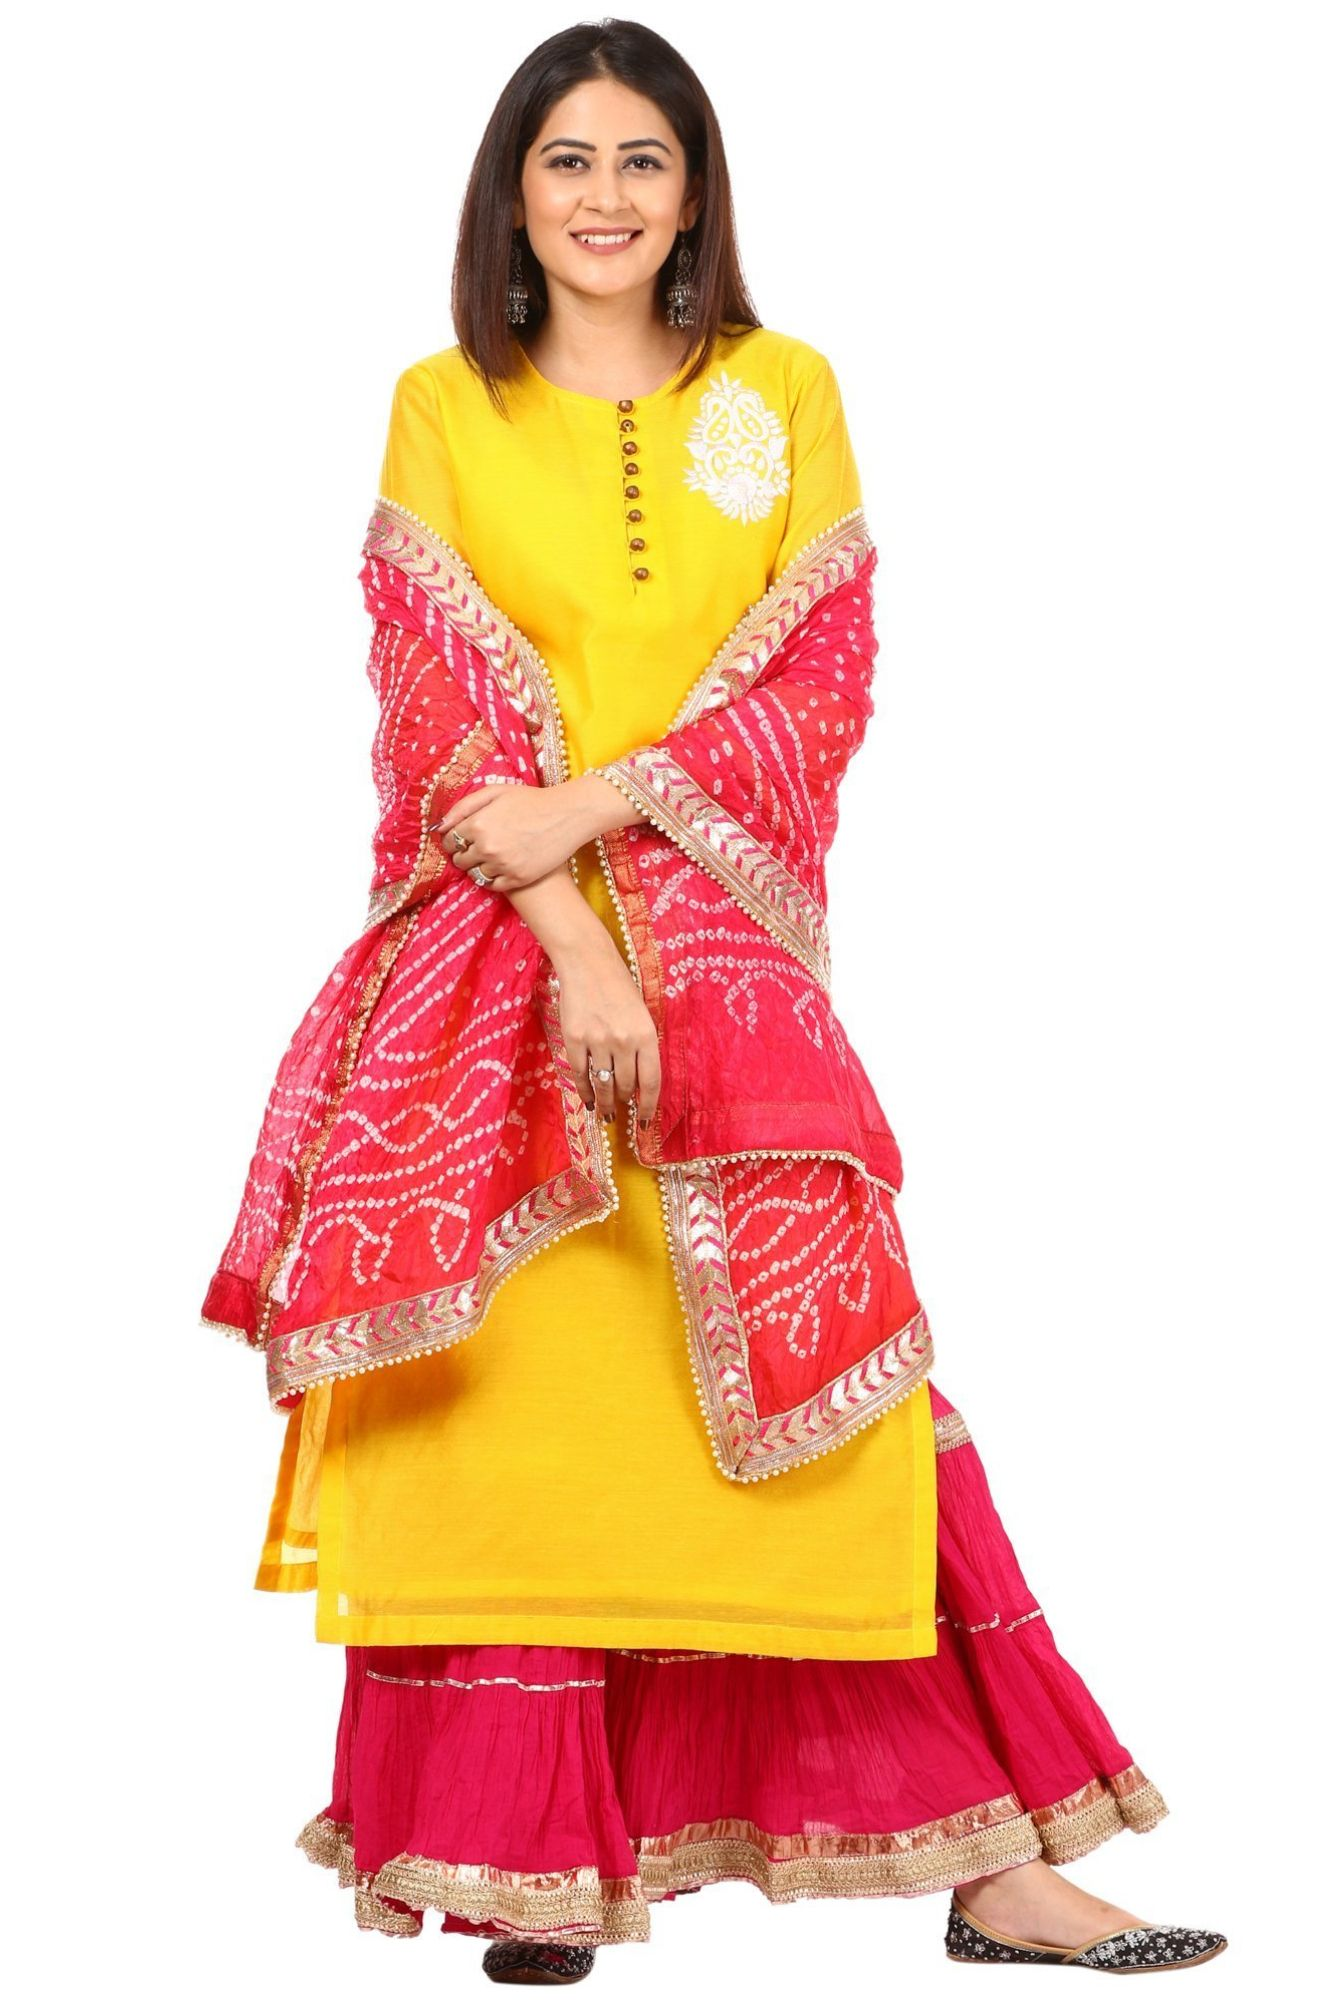 a47fcd56e3 Indian Attire · Bandhej Suits, Ladies Suits, Suits For Women, Sharara Suit, Salwar  Kameez,